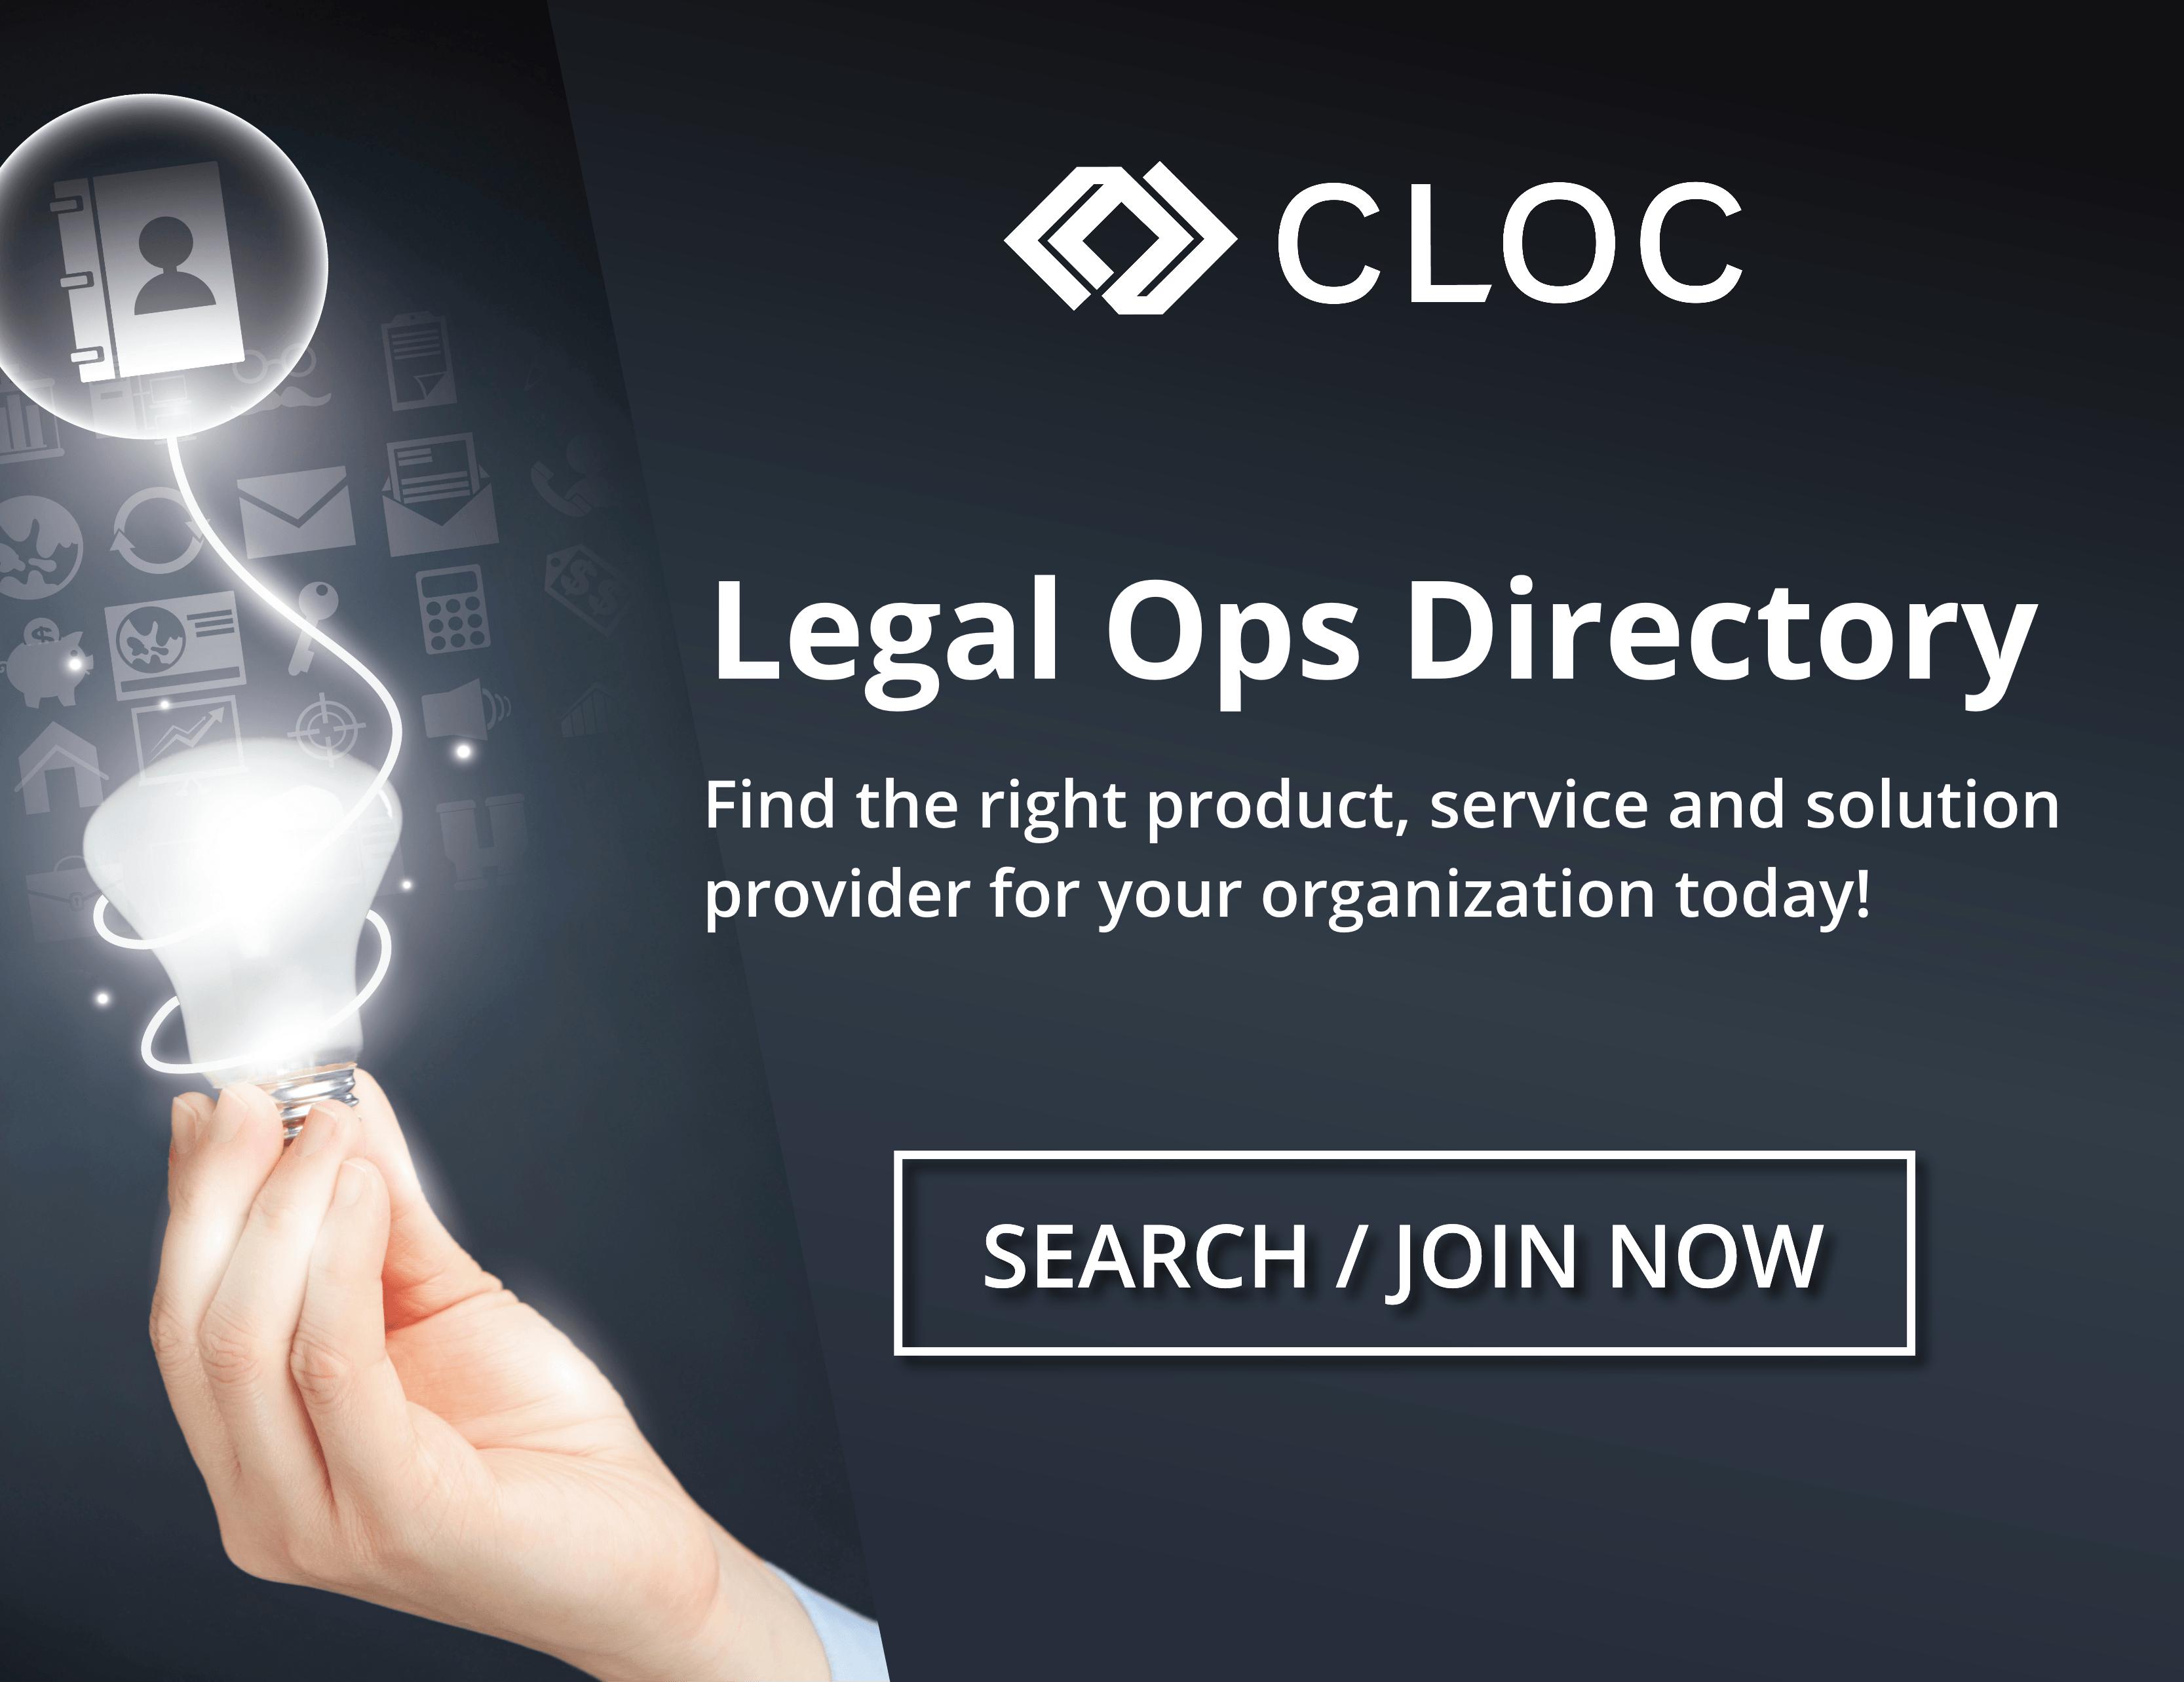 CLOC Legal Ops Directory